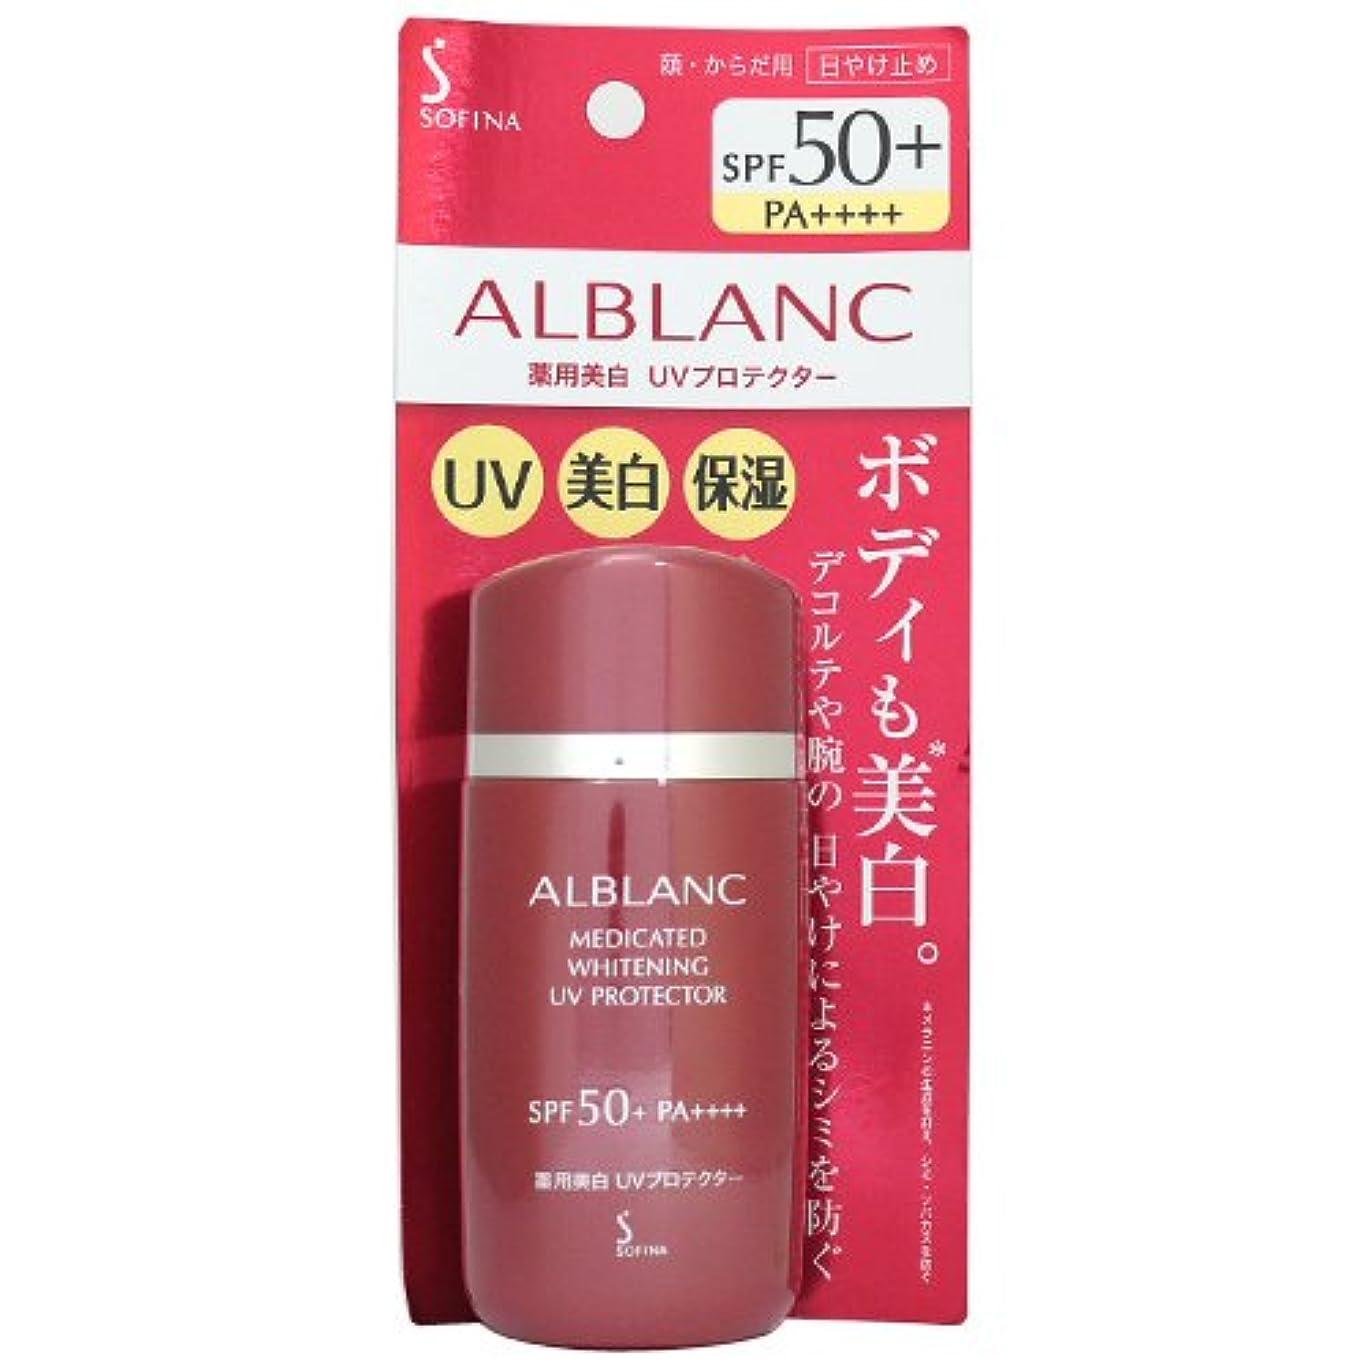 面白い何か布カオウ 花王アルブラン 薬用美白UVプロテクター SPF50+?PA++++ 60mL